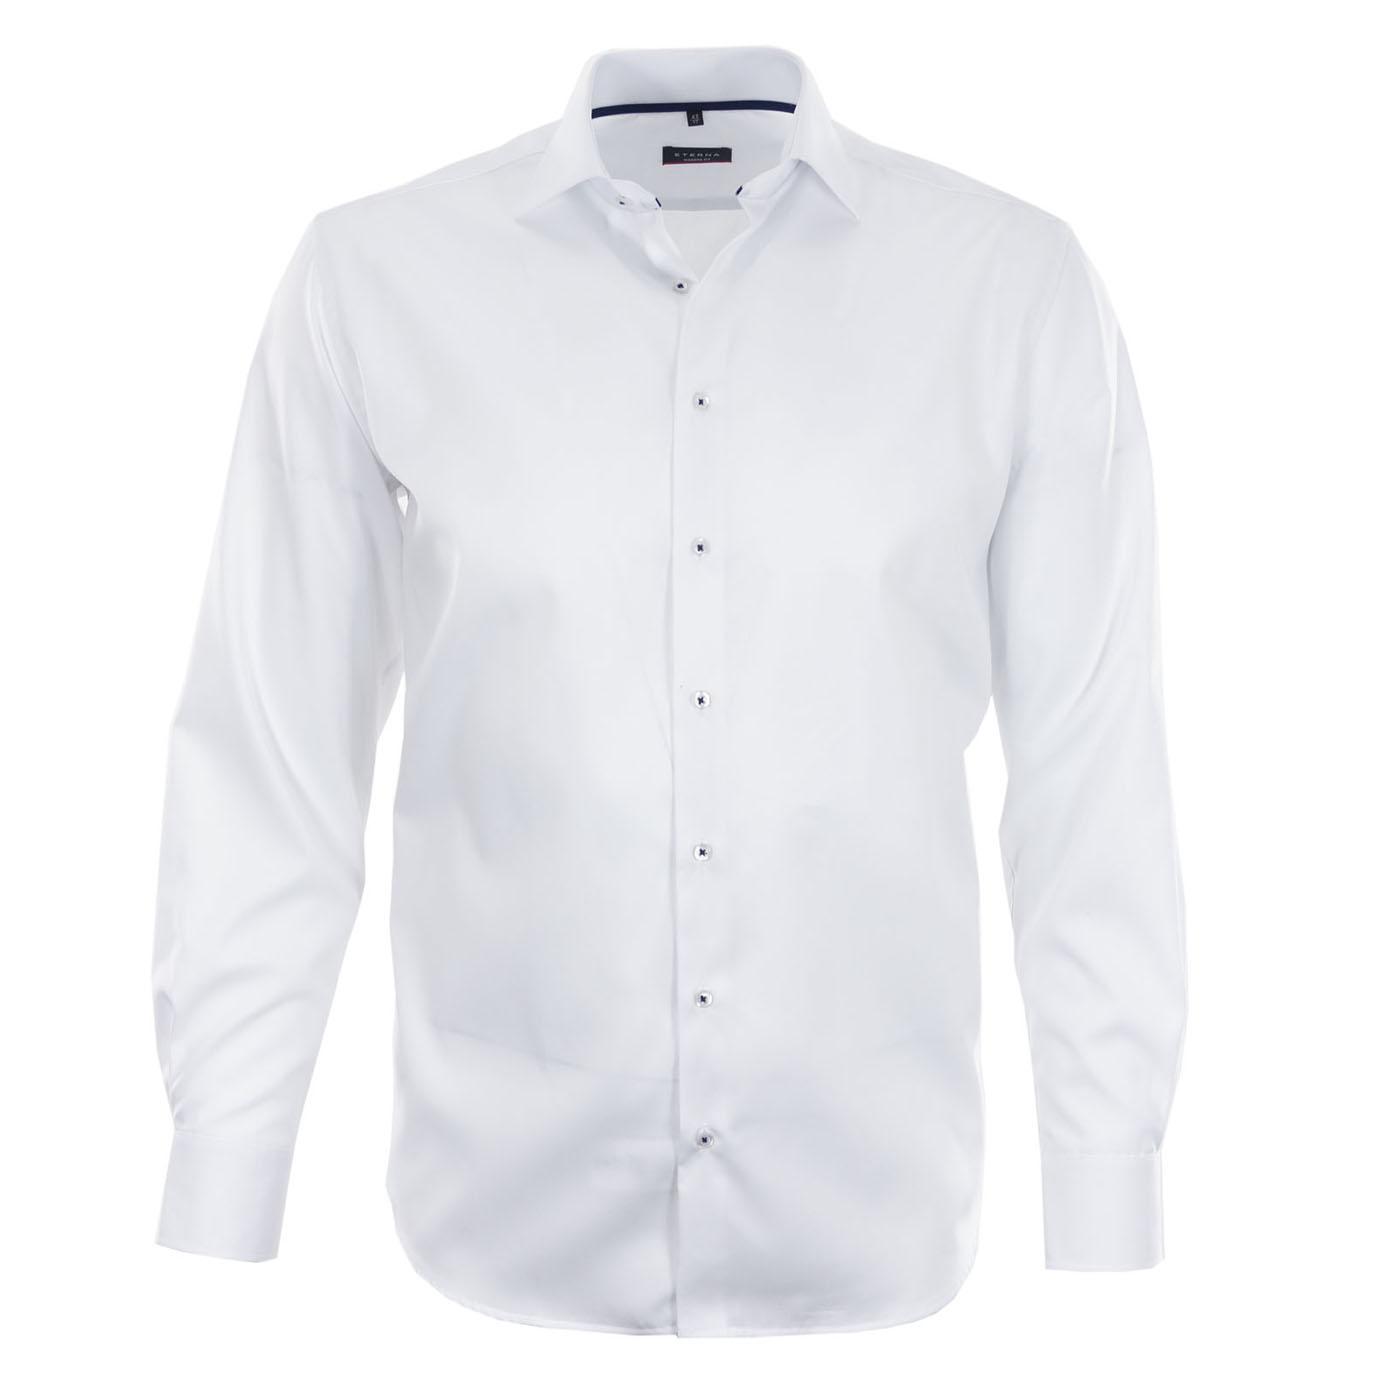 ETERNA-Herren-Langarm-Hemden-Slim-Fit-Modern-Fit-amp-Comfort-Fit-in-weiss-amp-lila